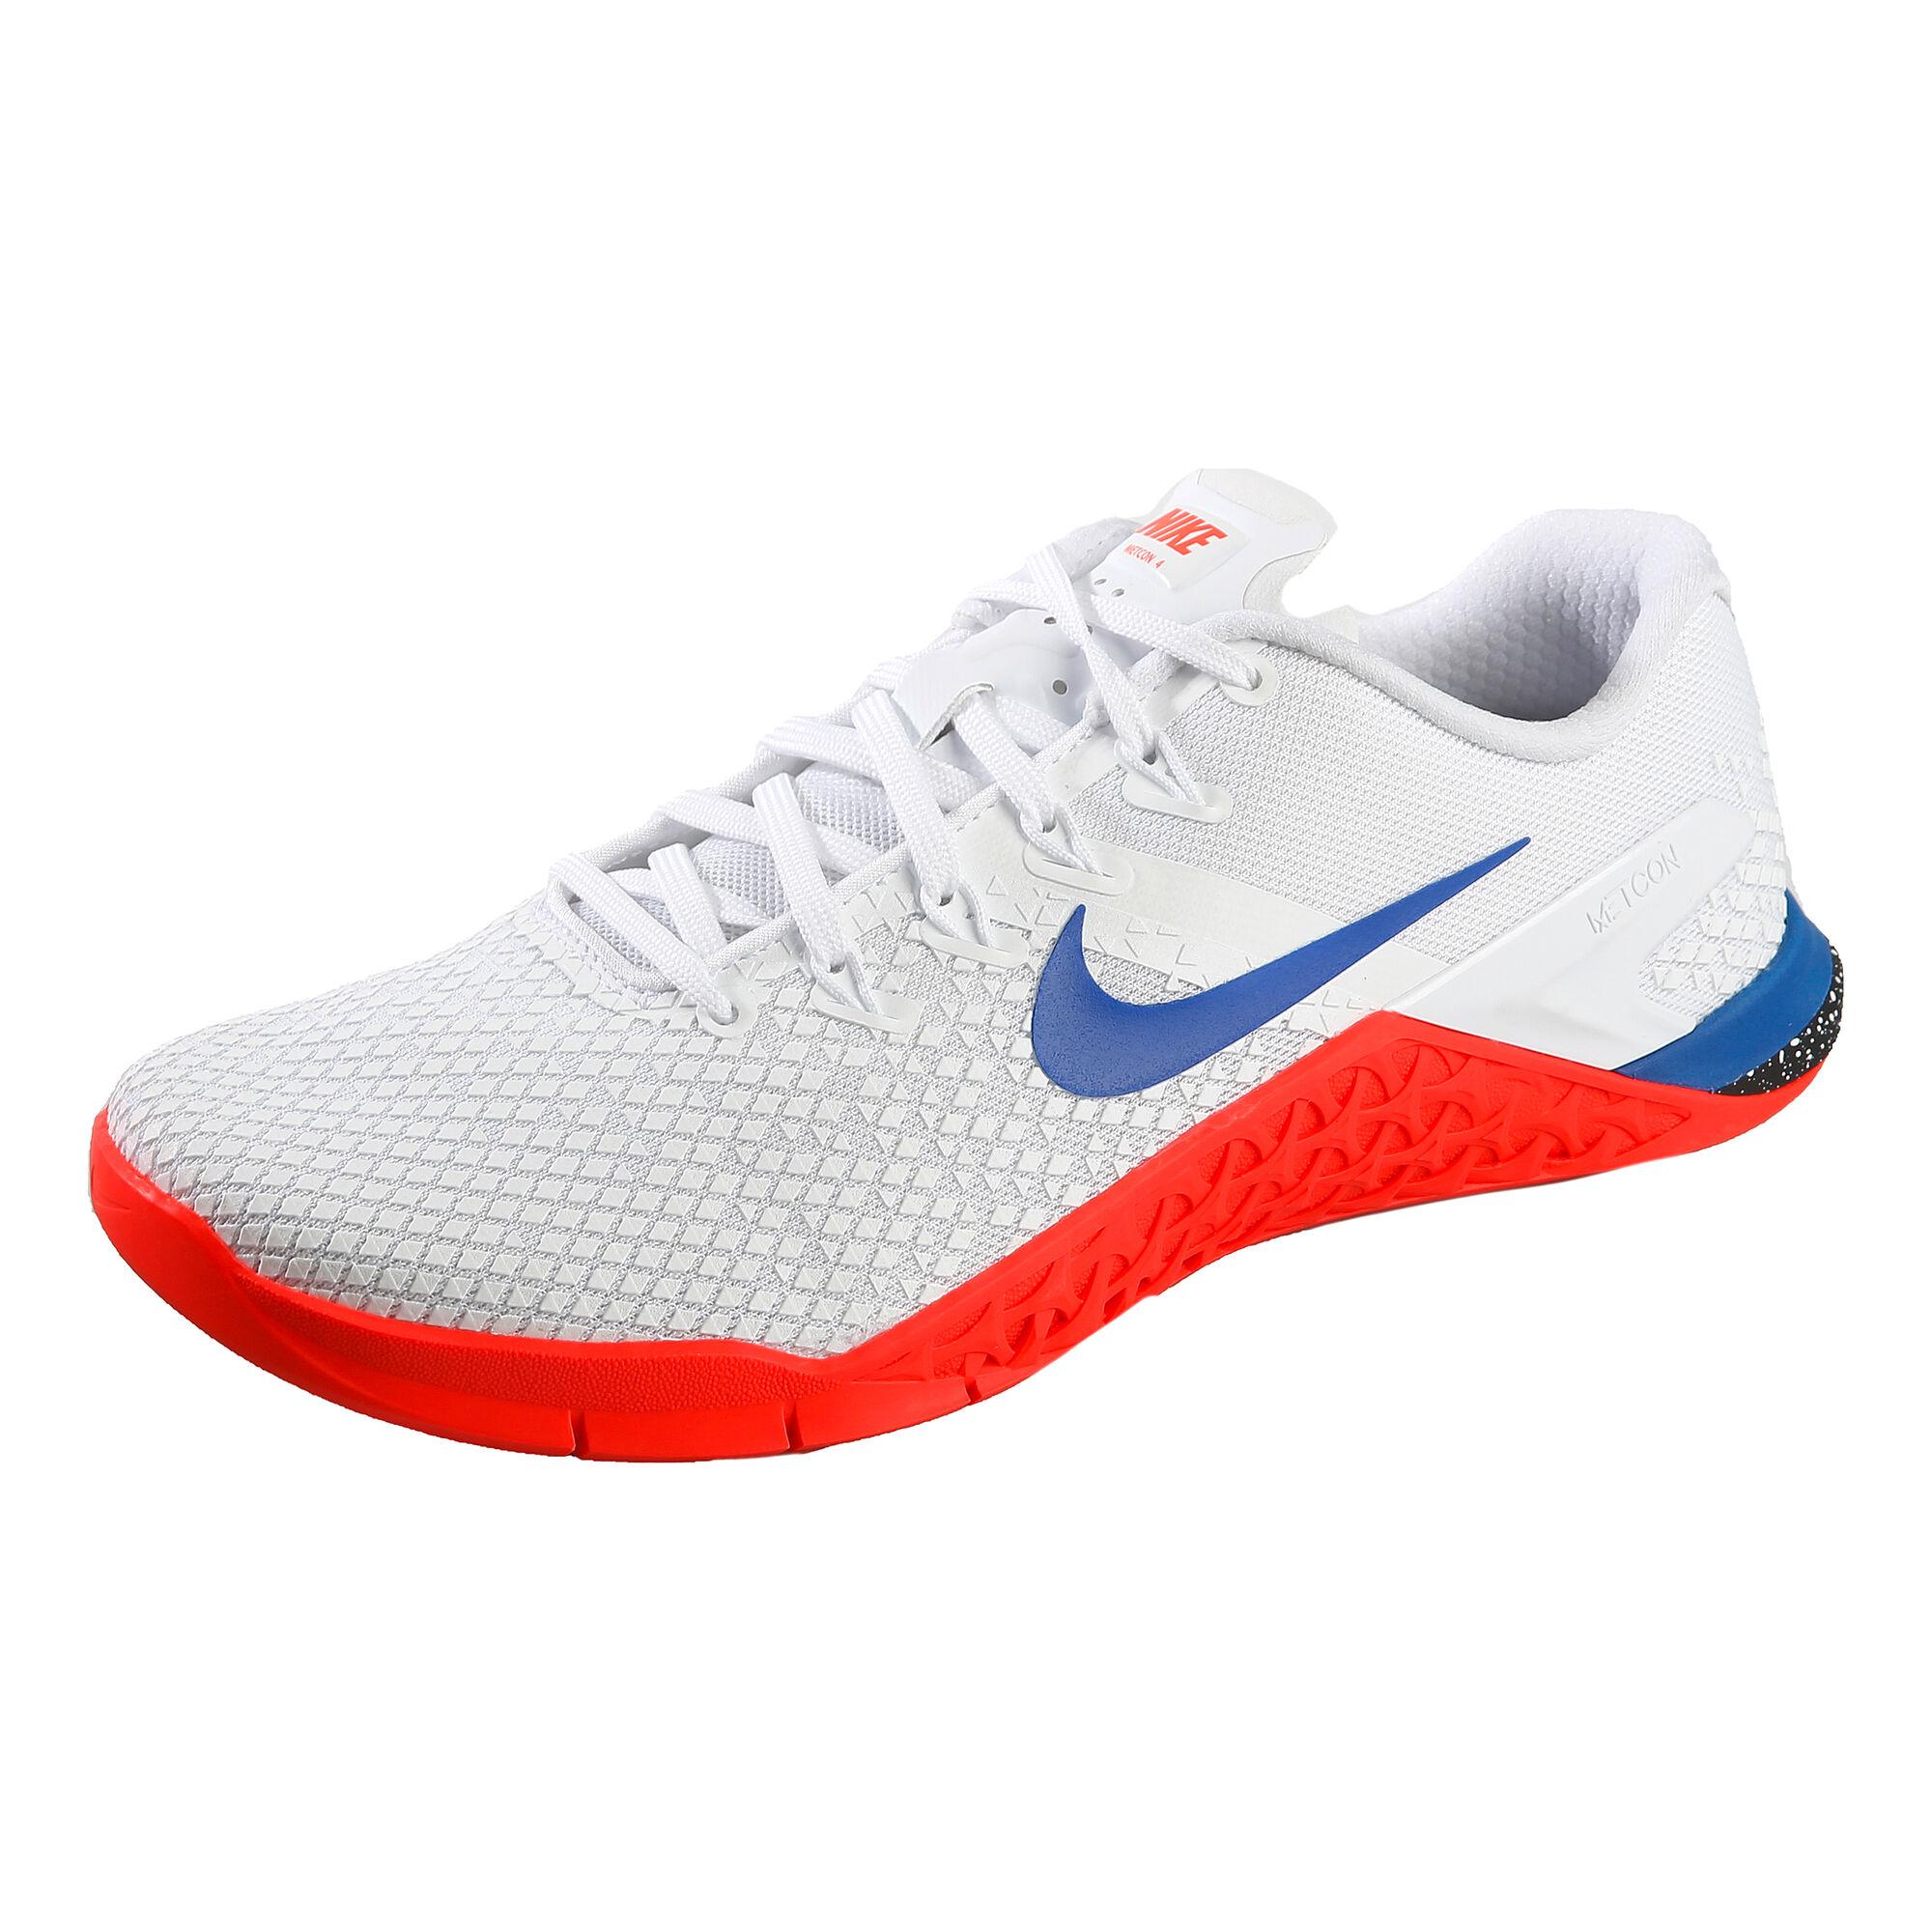 buy online 21121 a5546 Nike Metcon 4 XD Träningssko, Fitness Damer - Vit, Blå köp o